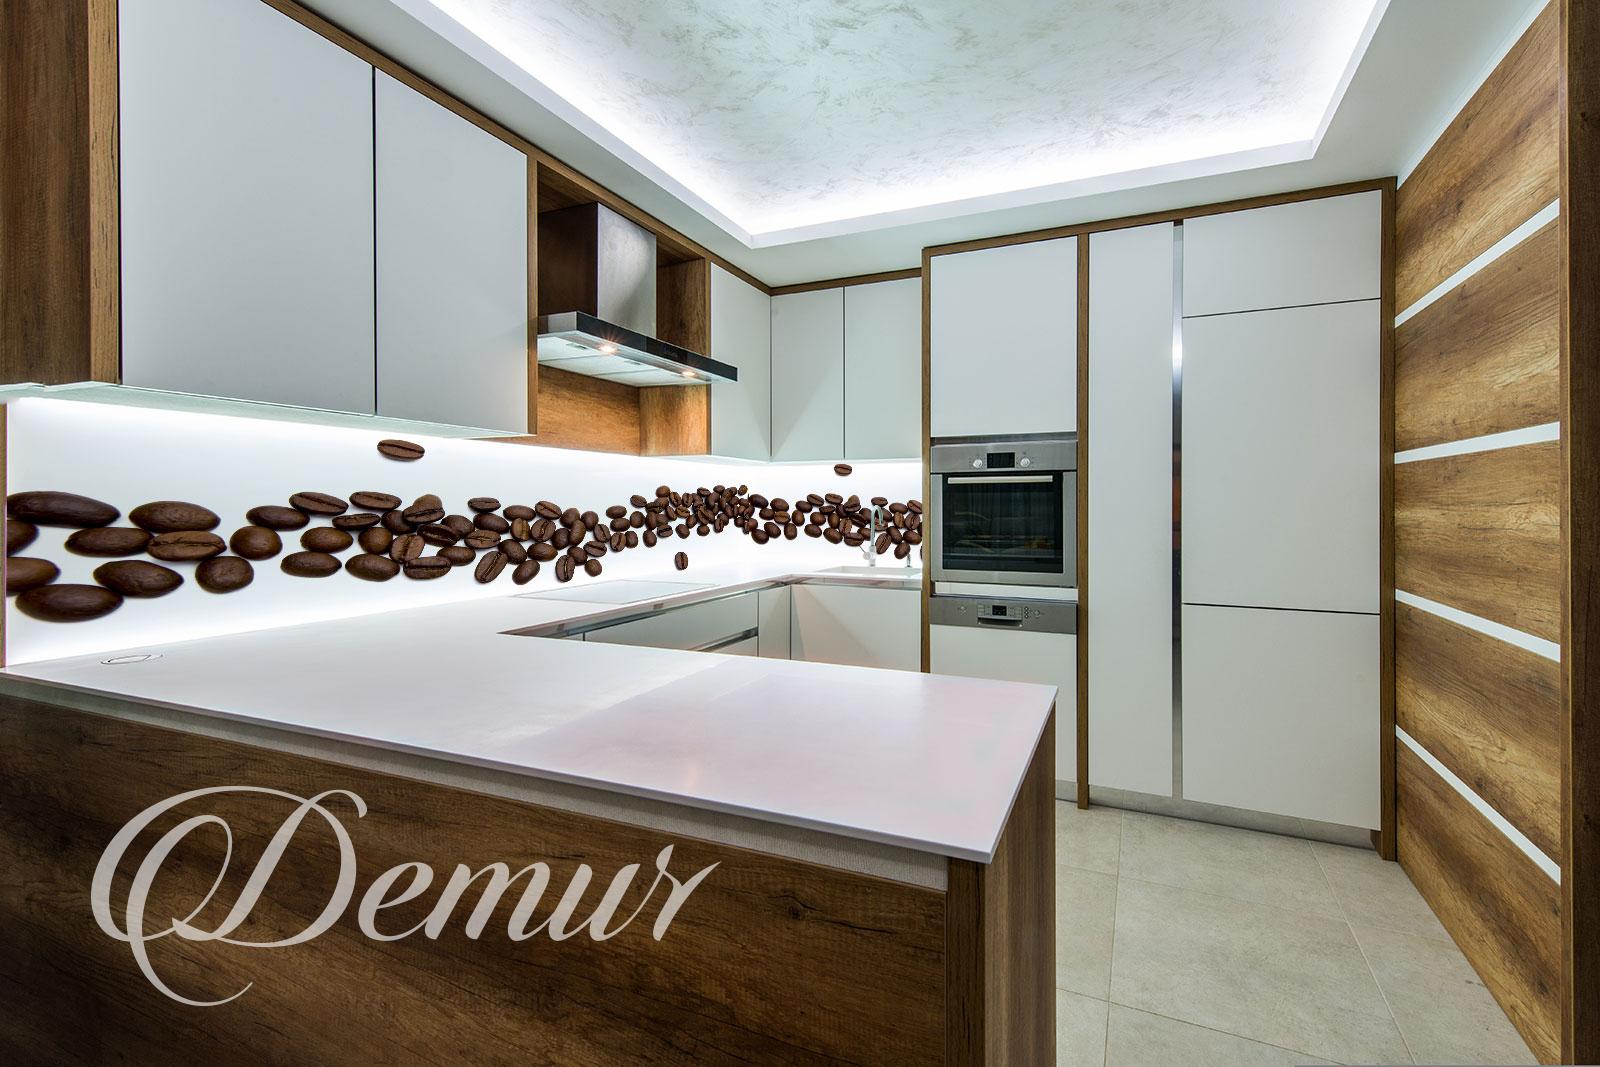 Fototapeta Ziarna Kawy - Fototapety do kuchni zmywalne - Demur